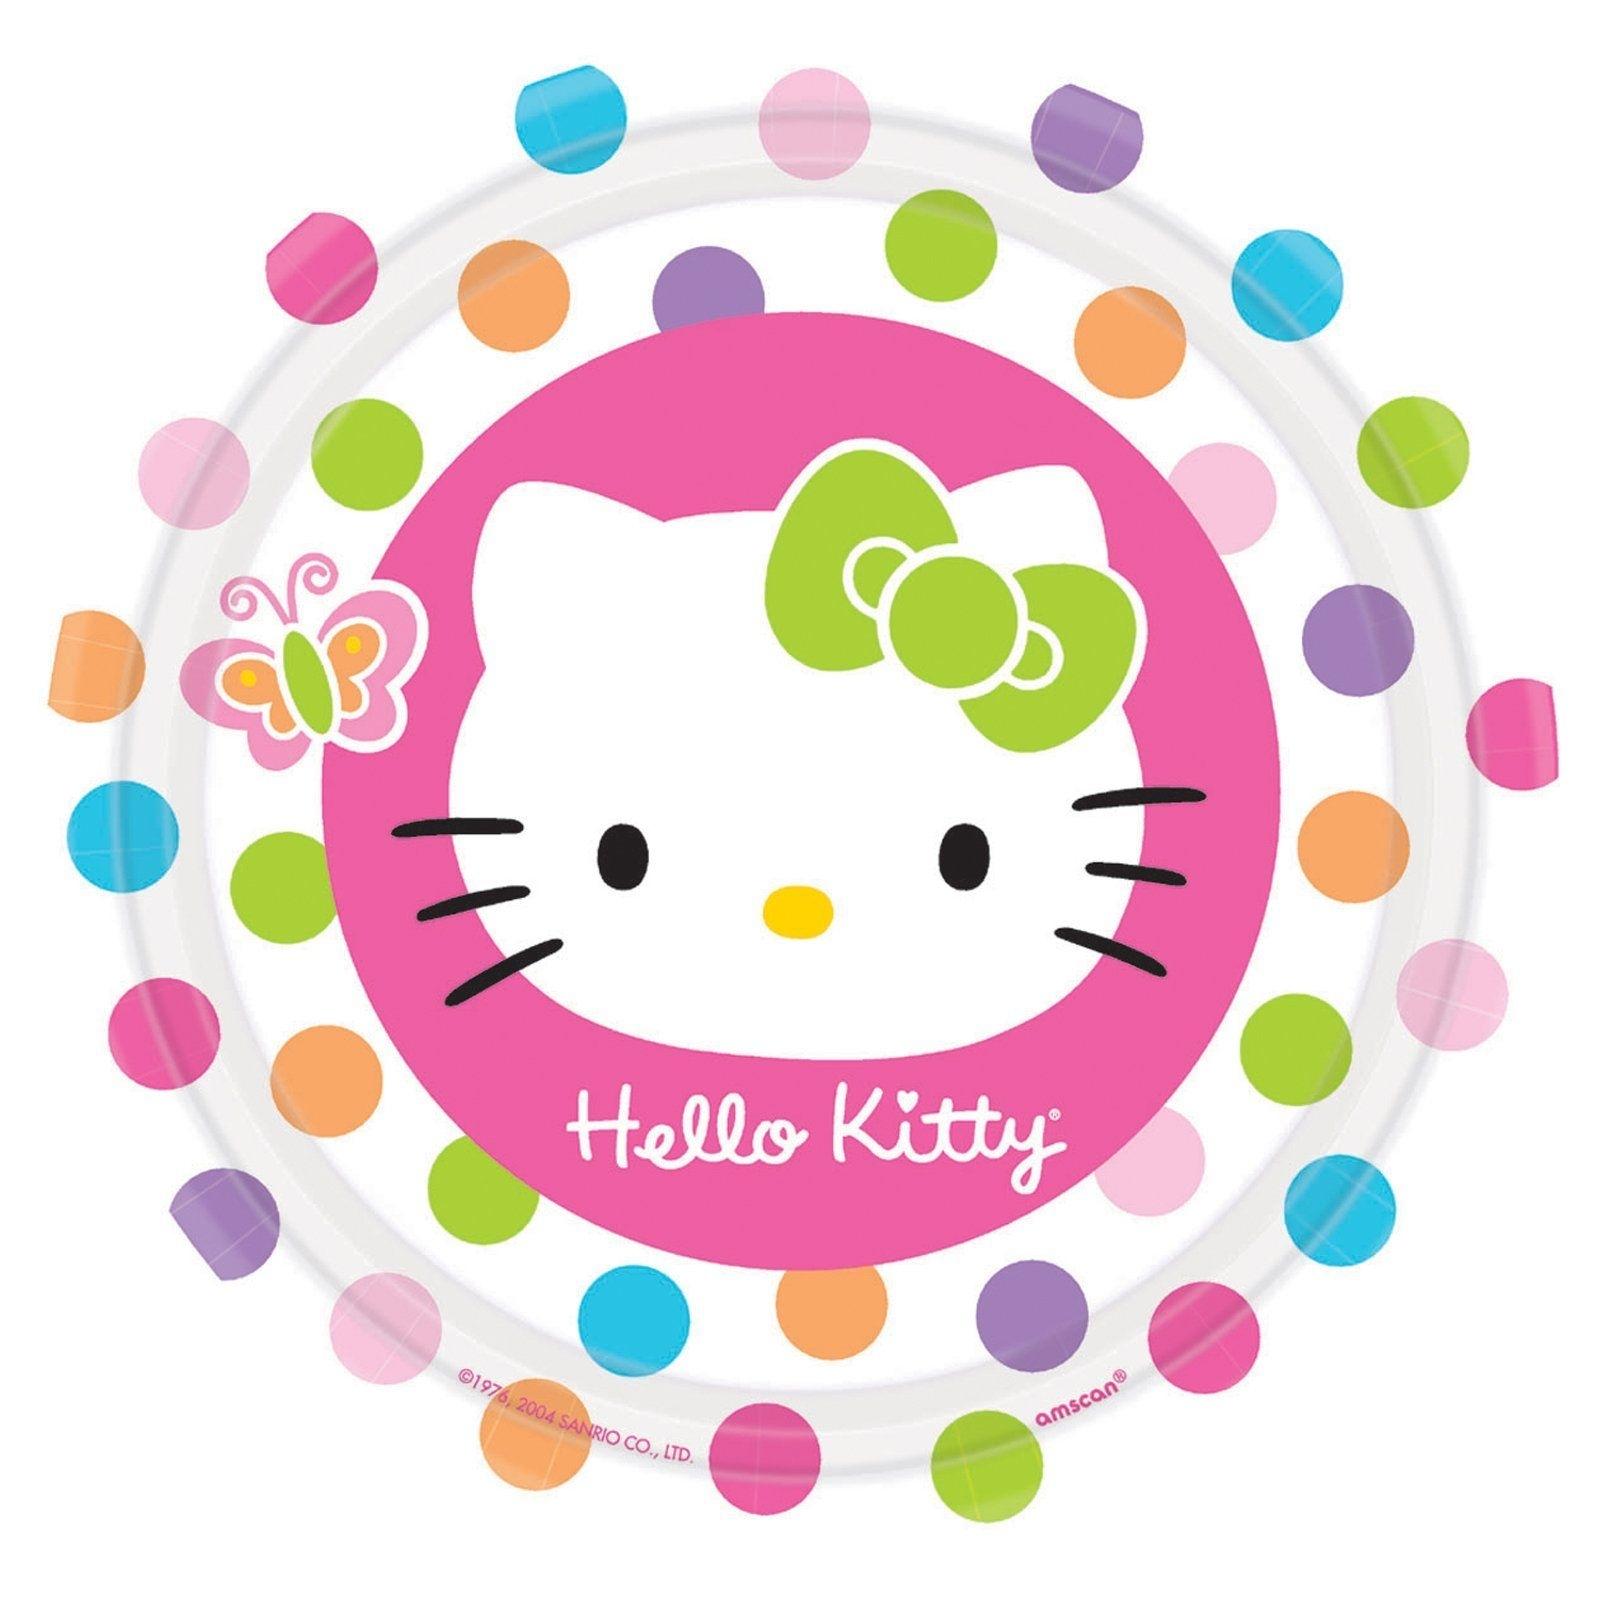 hello kitty screensaver | hello kitty cartoon screensaver 1 0 free